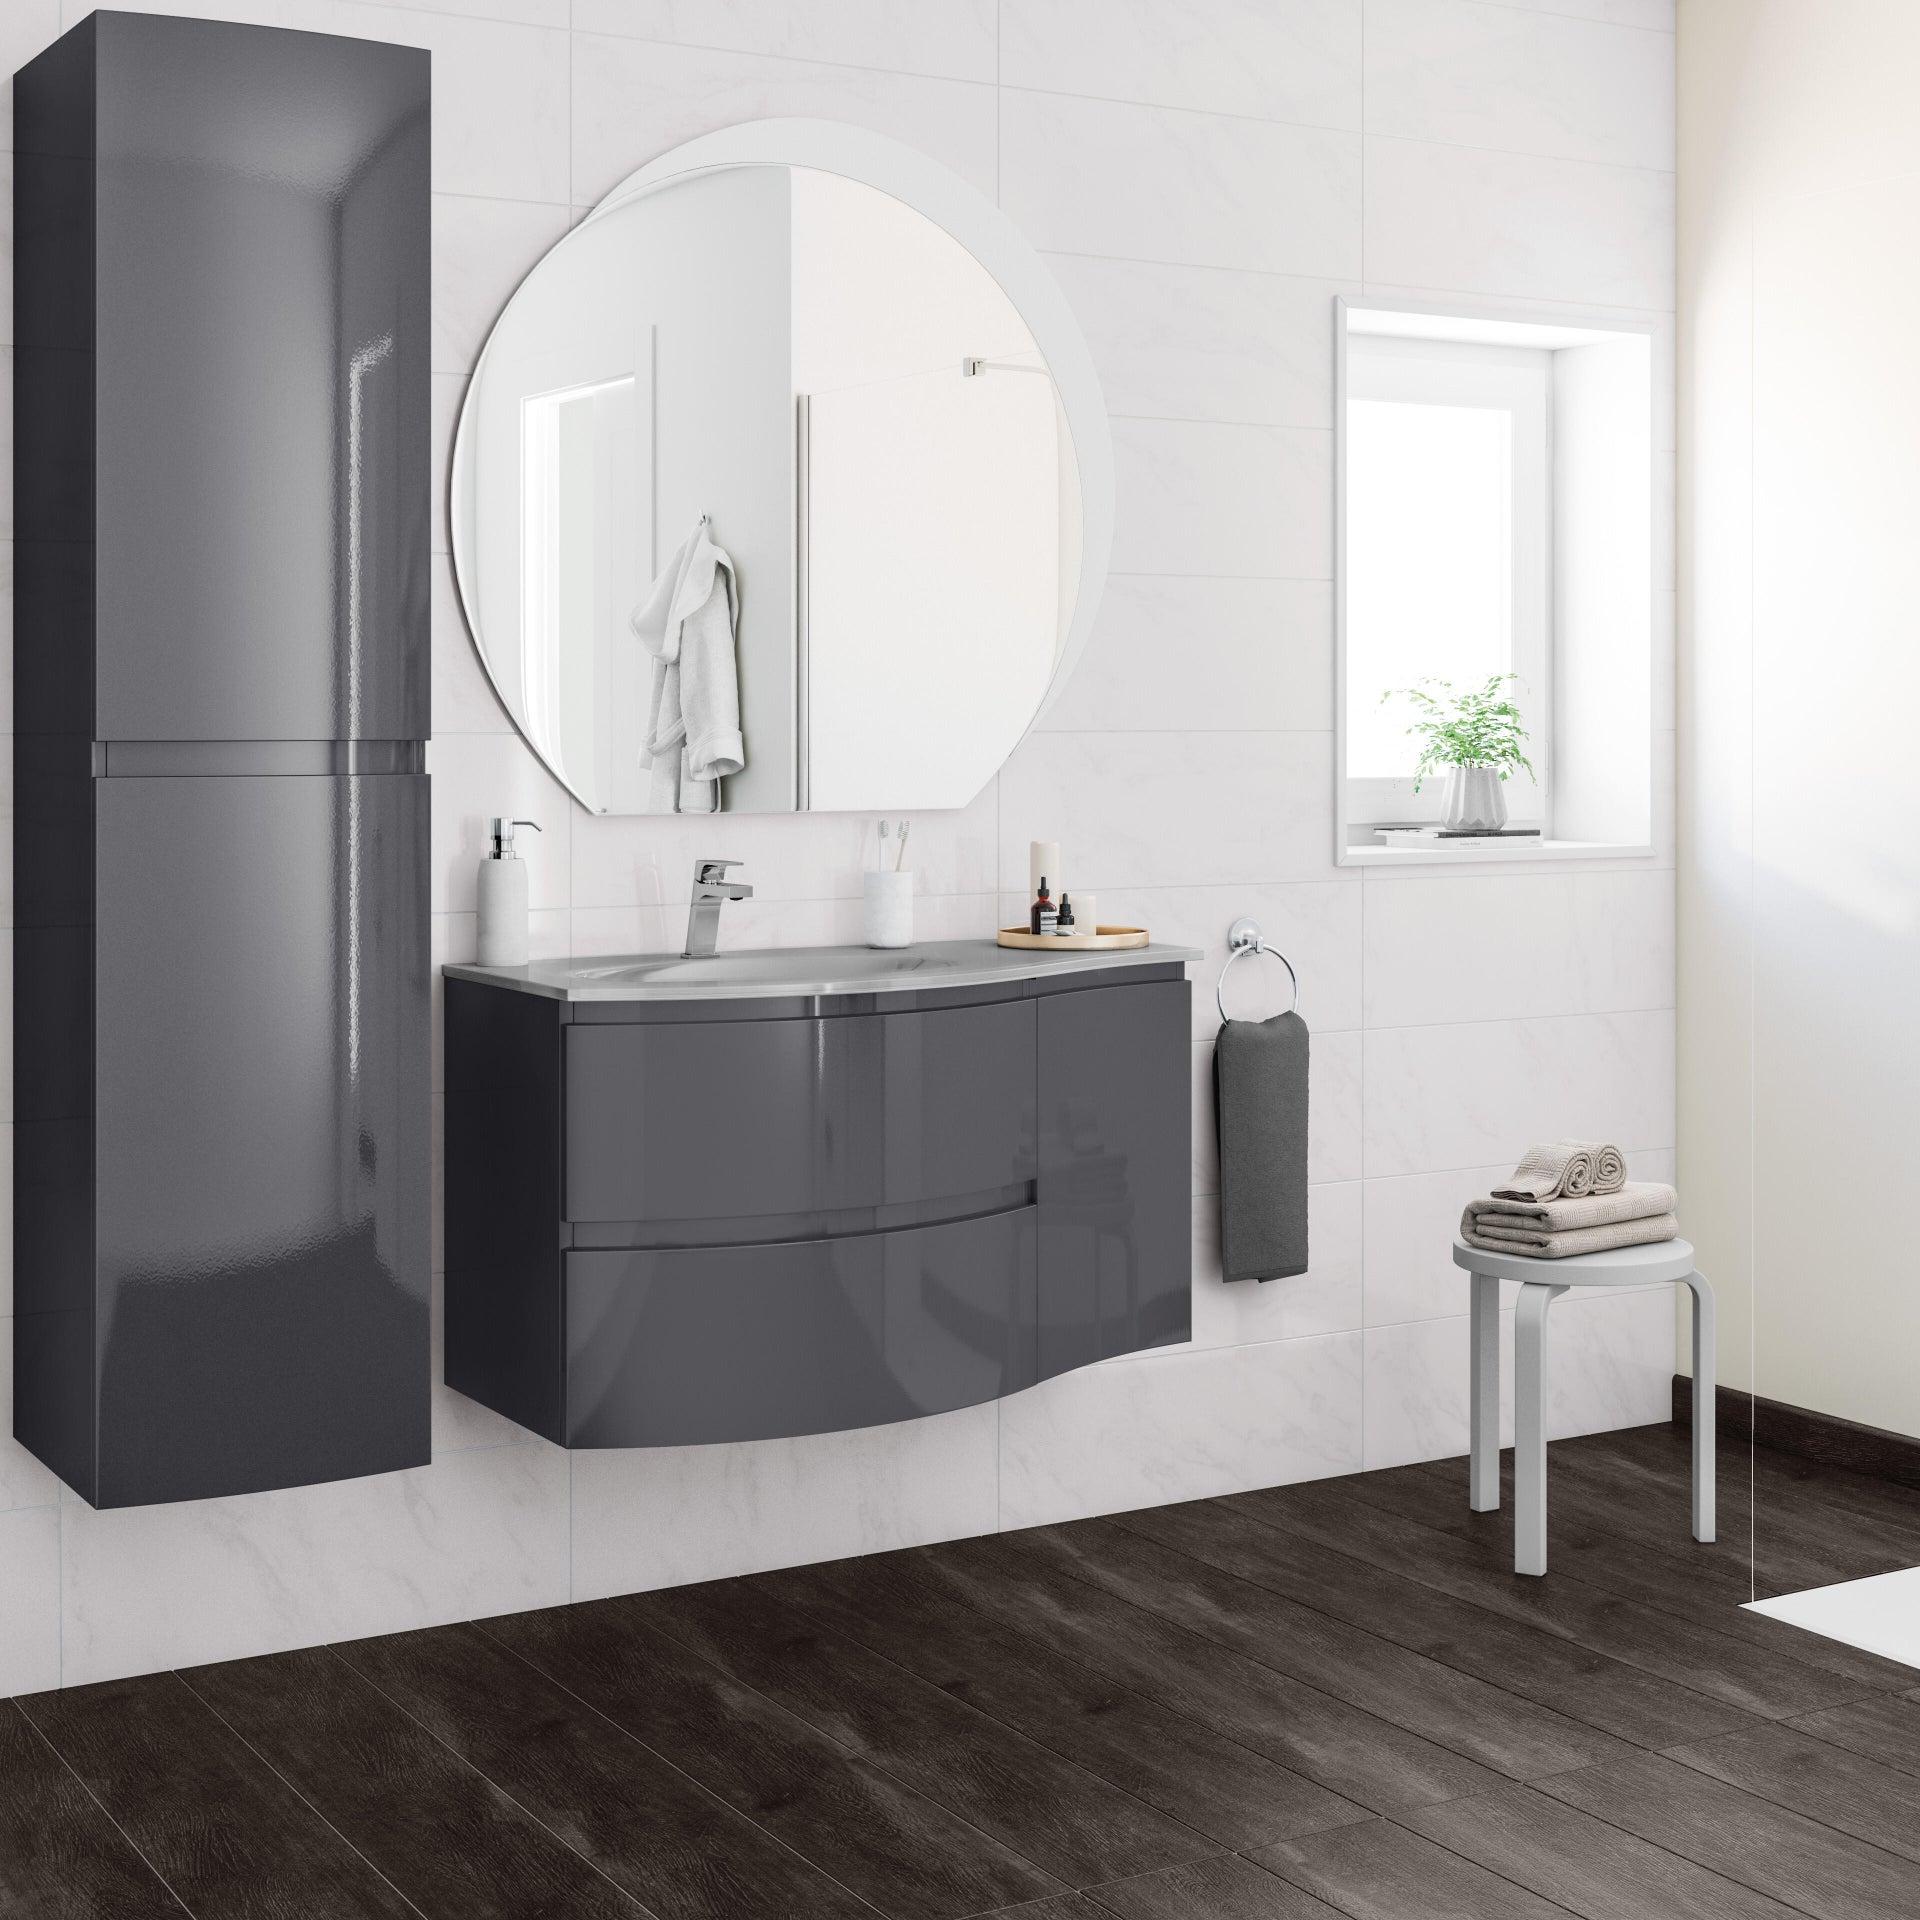 Mobile bagno Vague antracite L 104 cm - 1